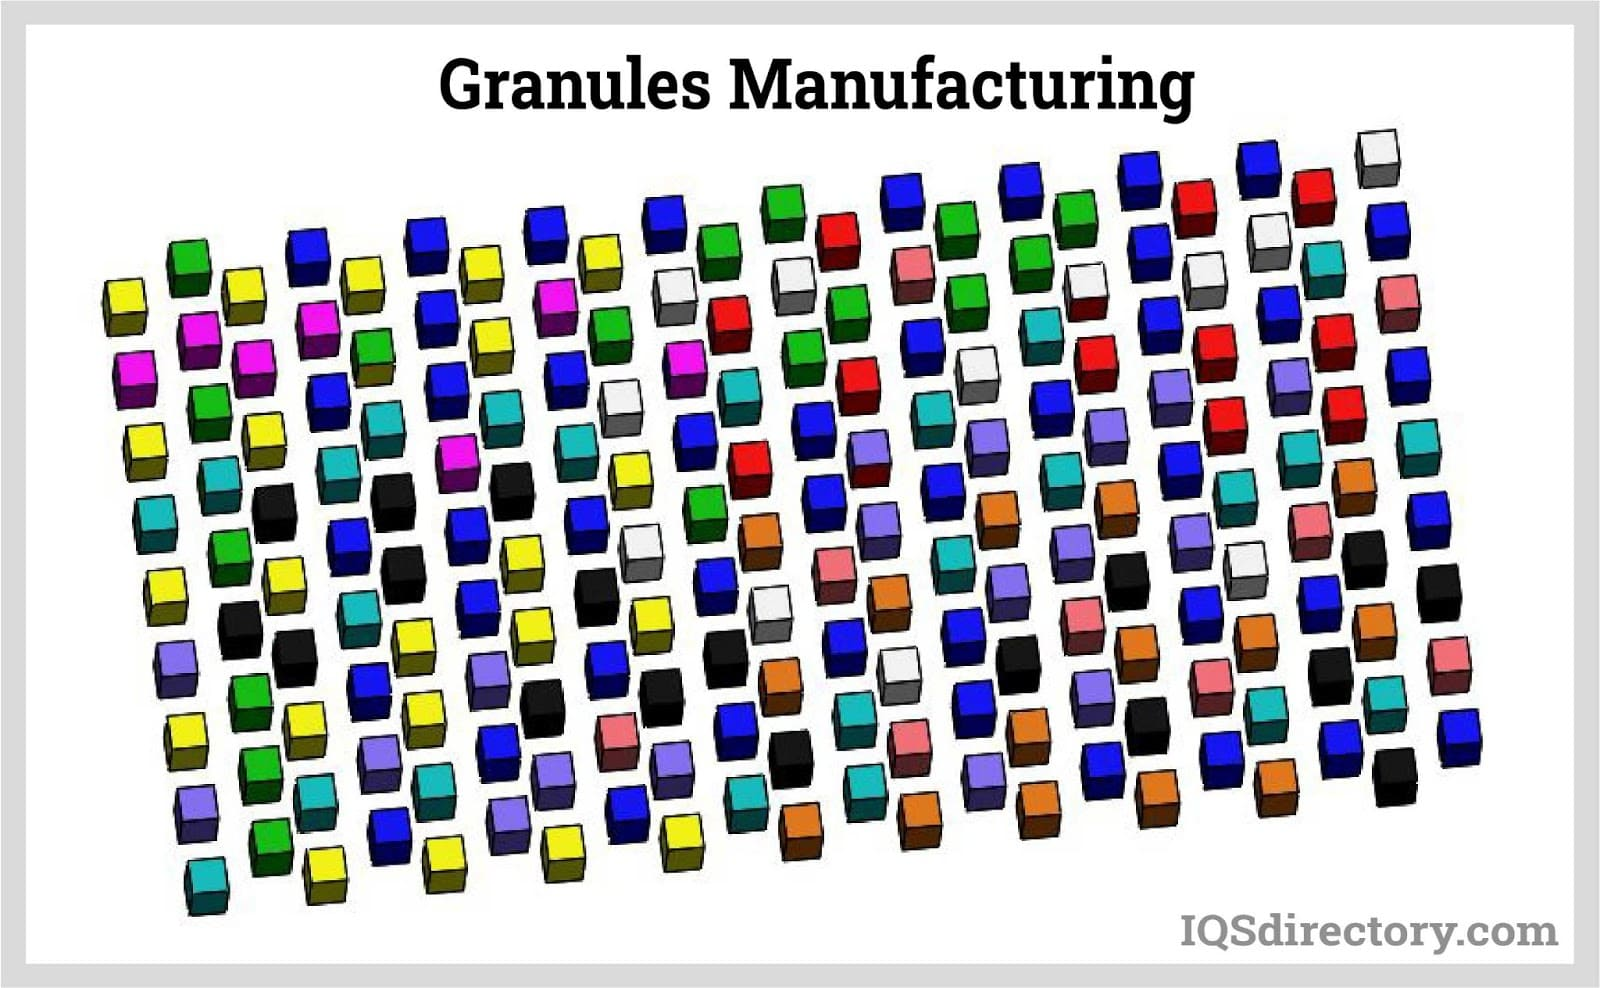 Granules Manufacturing